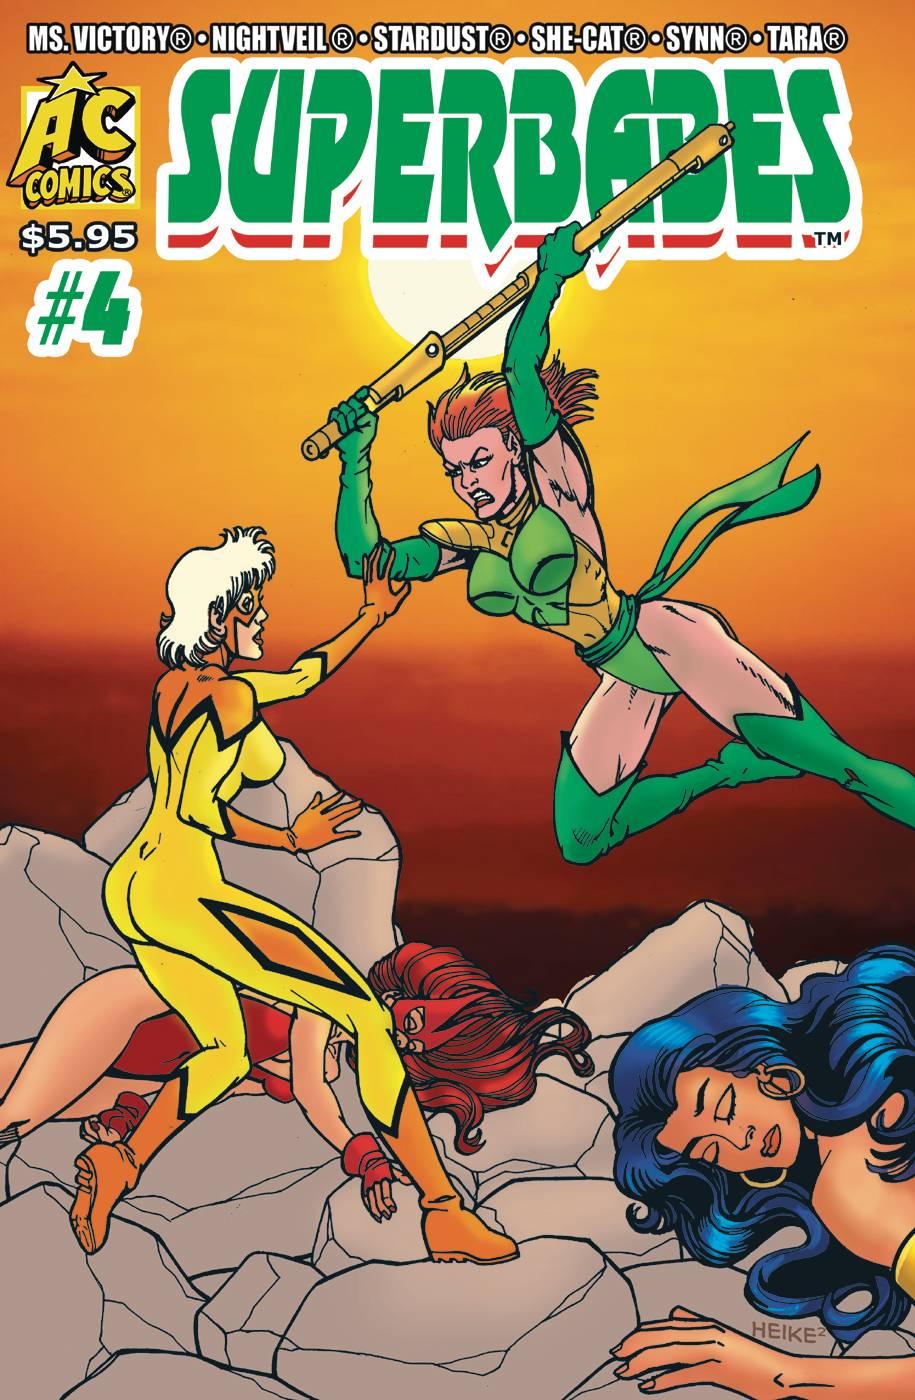 Superbabes: Starring Femforce #4